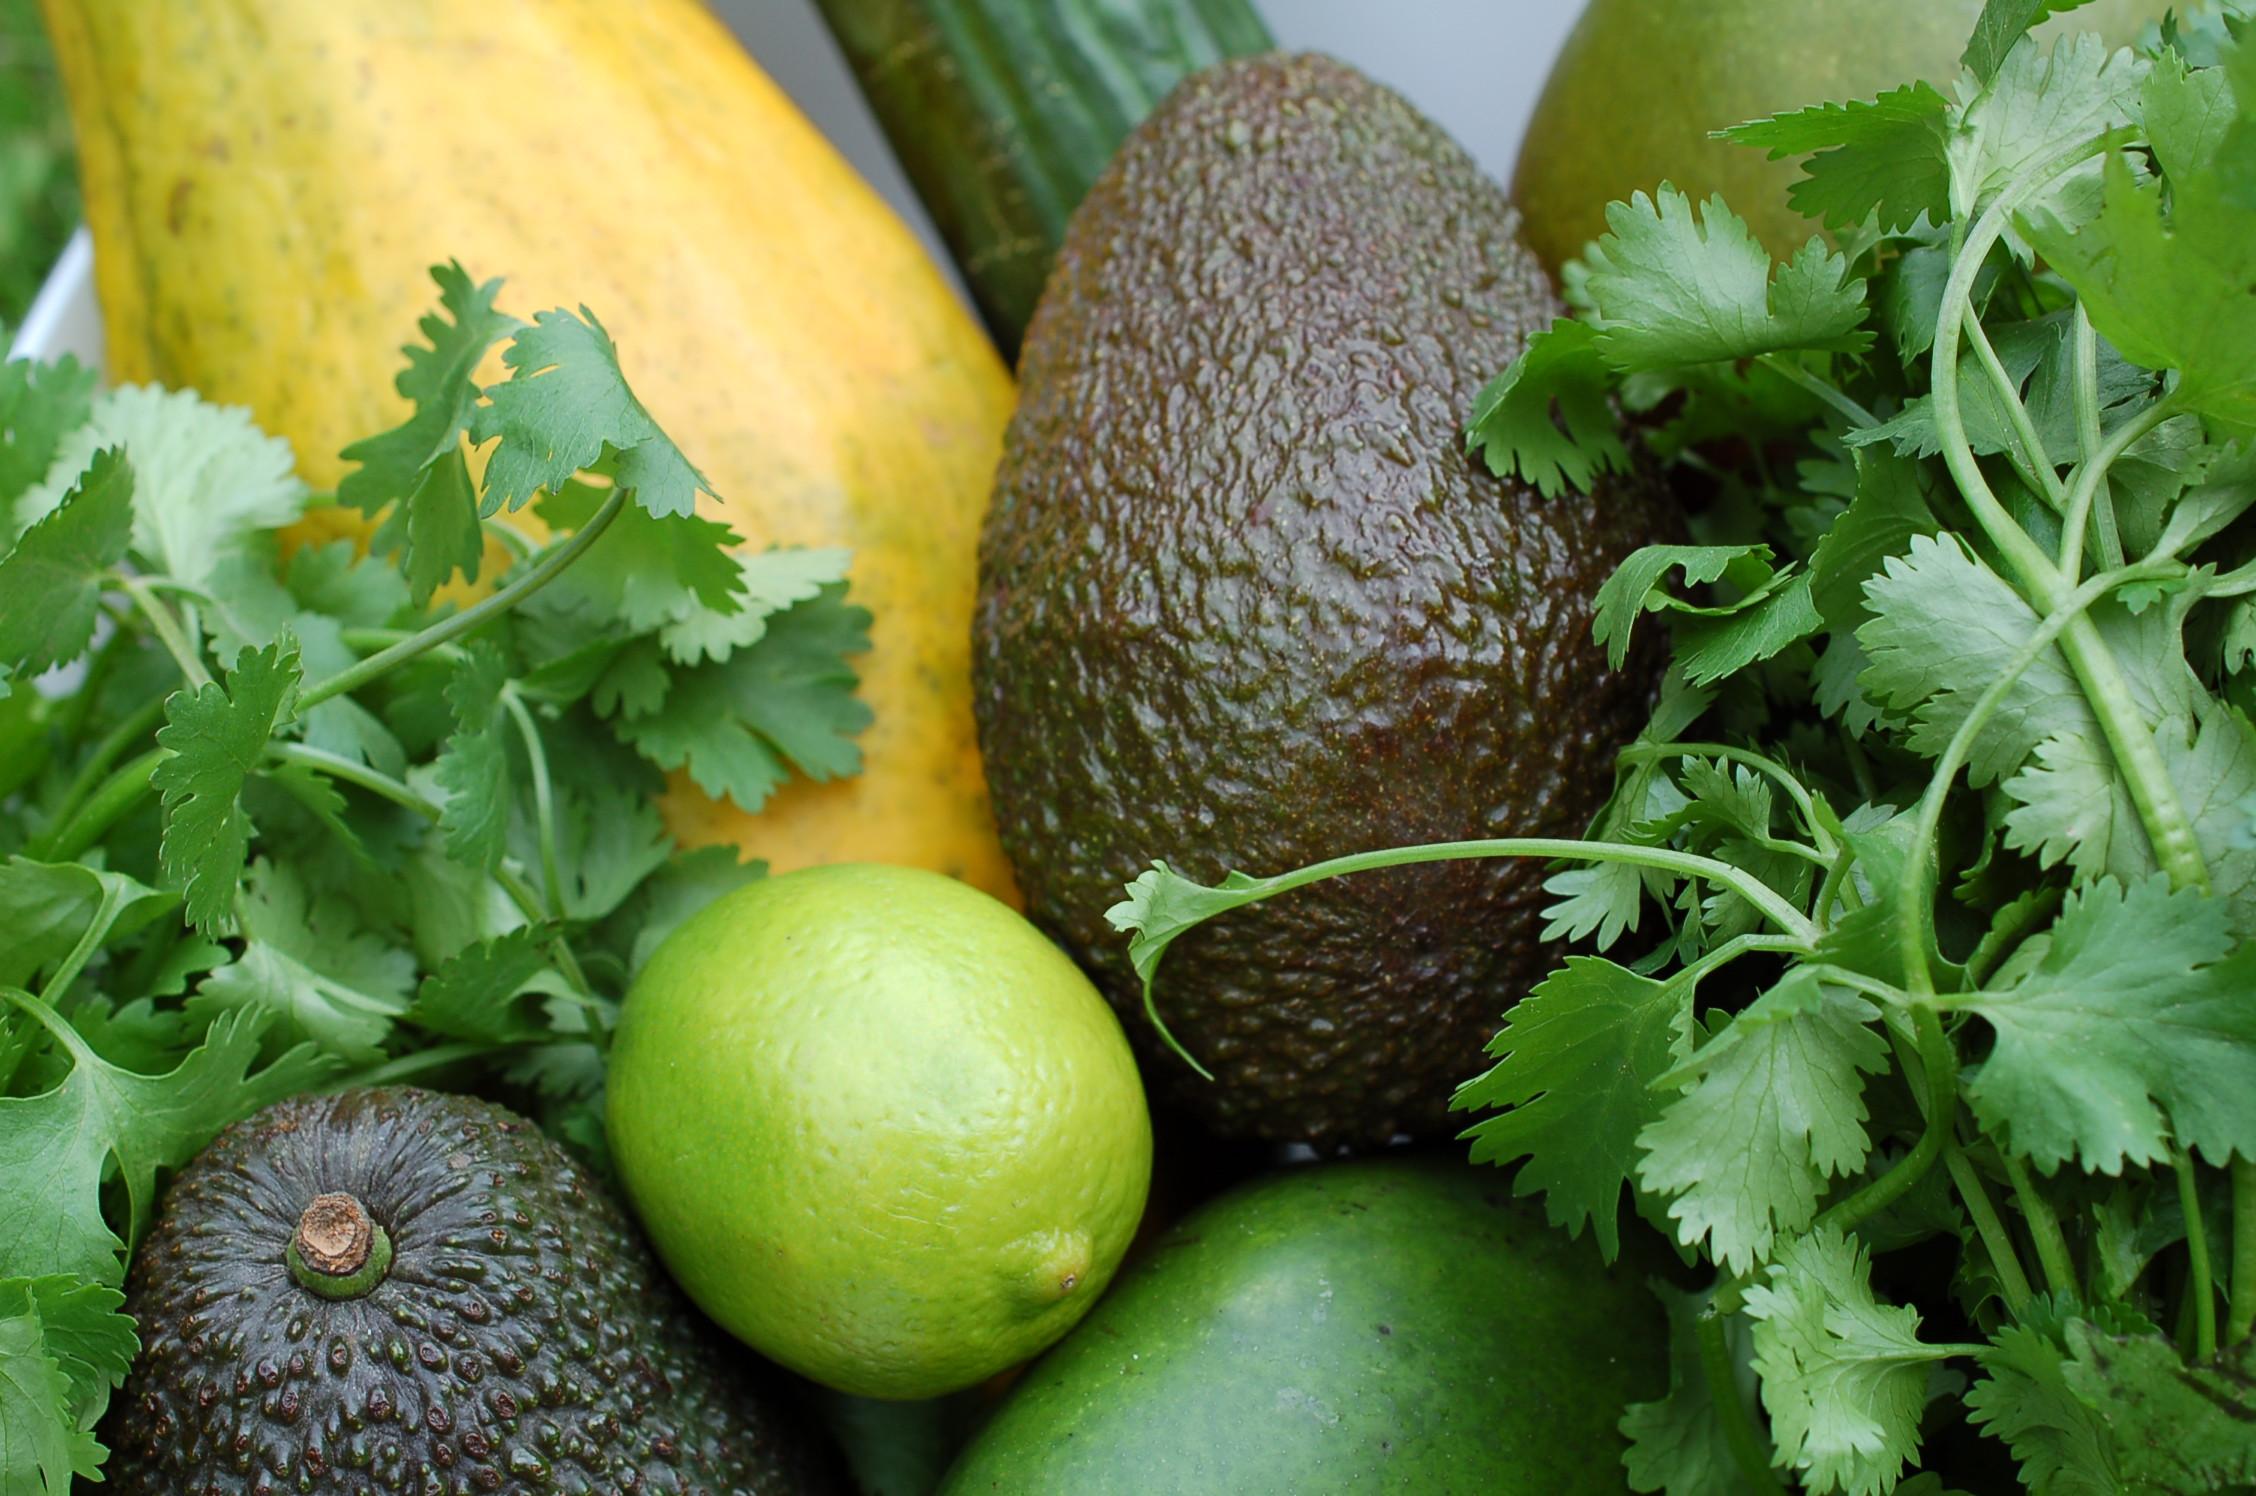 avocado obst salsa salat. Black Bedroom Furniture Sets. Home Design Ideas